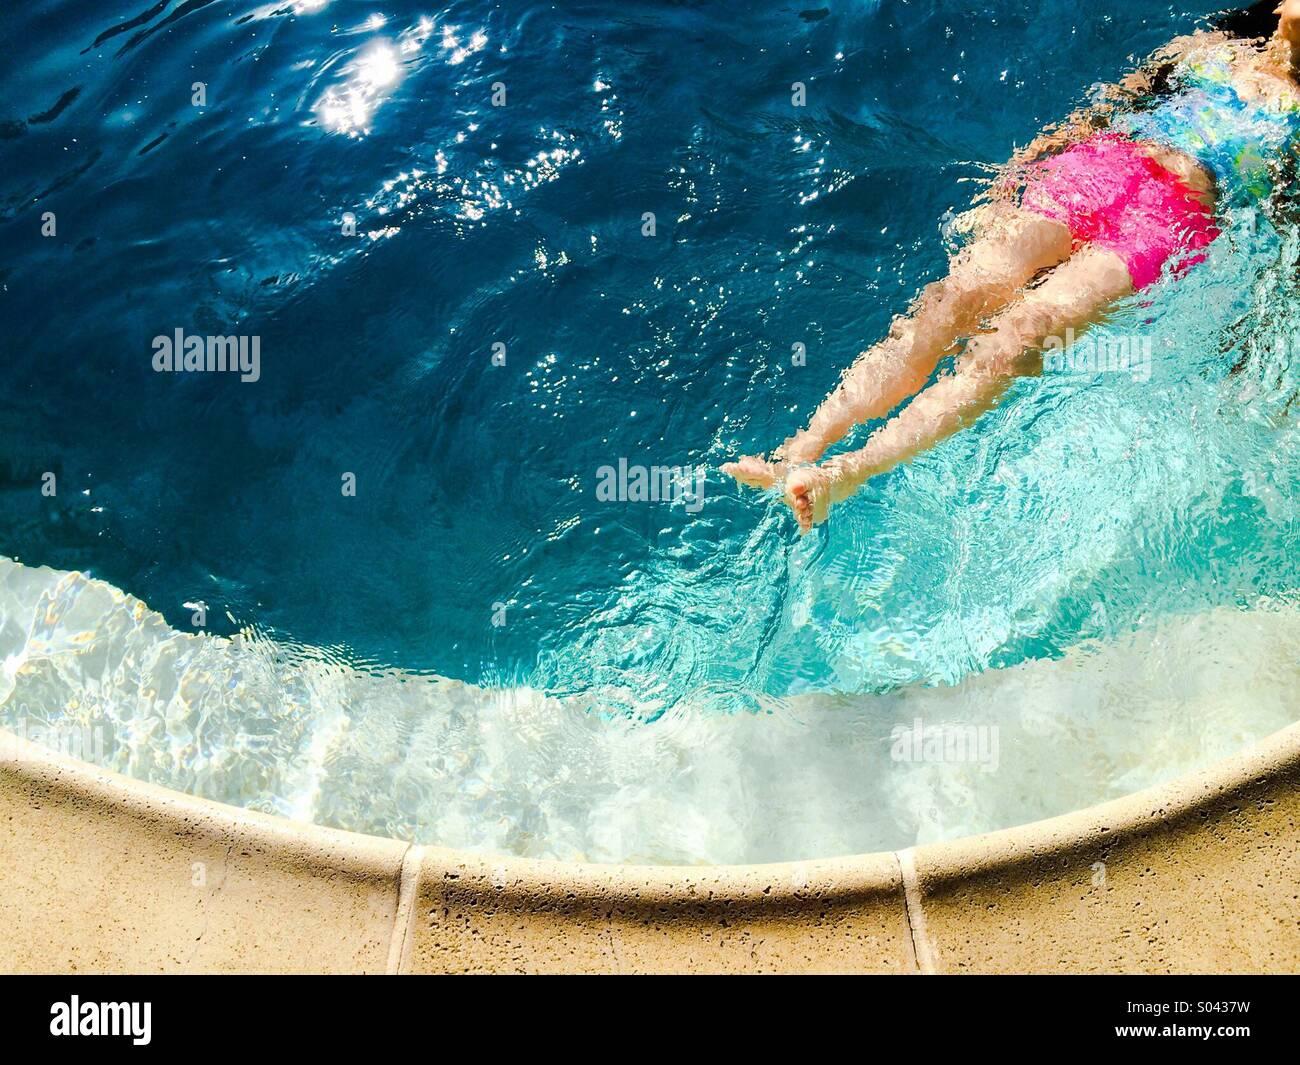 Jeune fille flottant sur son dos dans une piscine Photo Stock